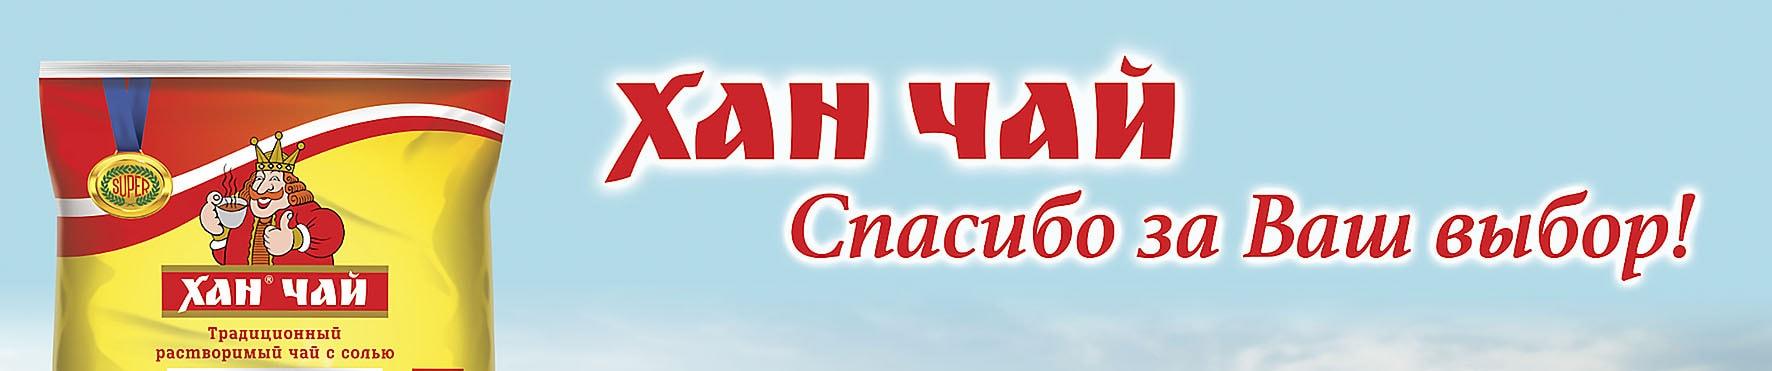 Наружная реклама outdoor фото